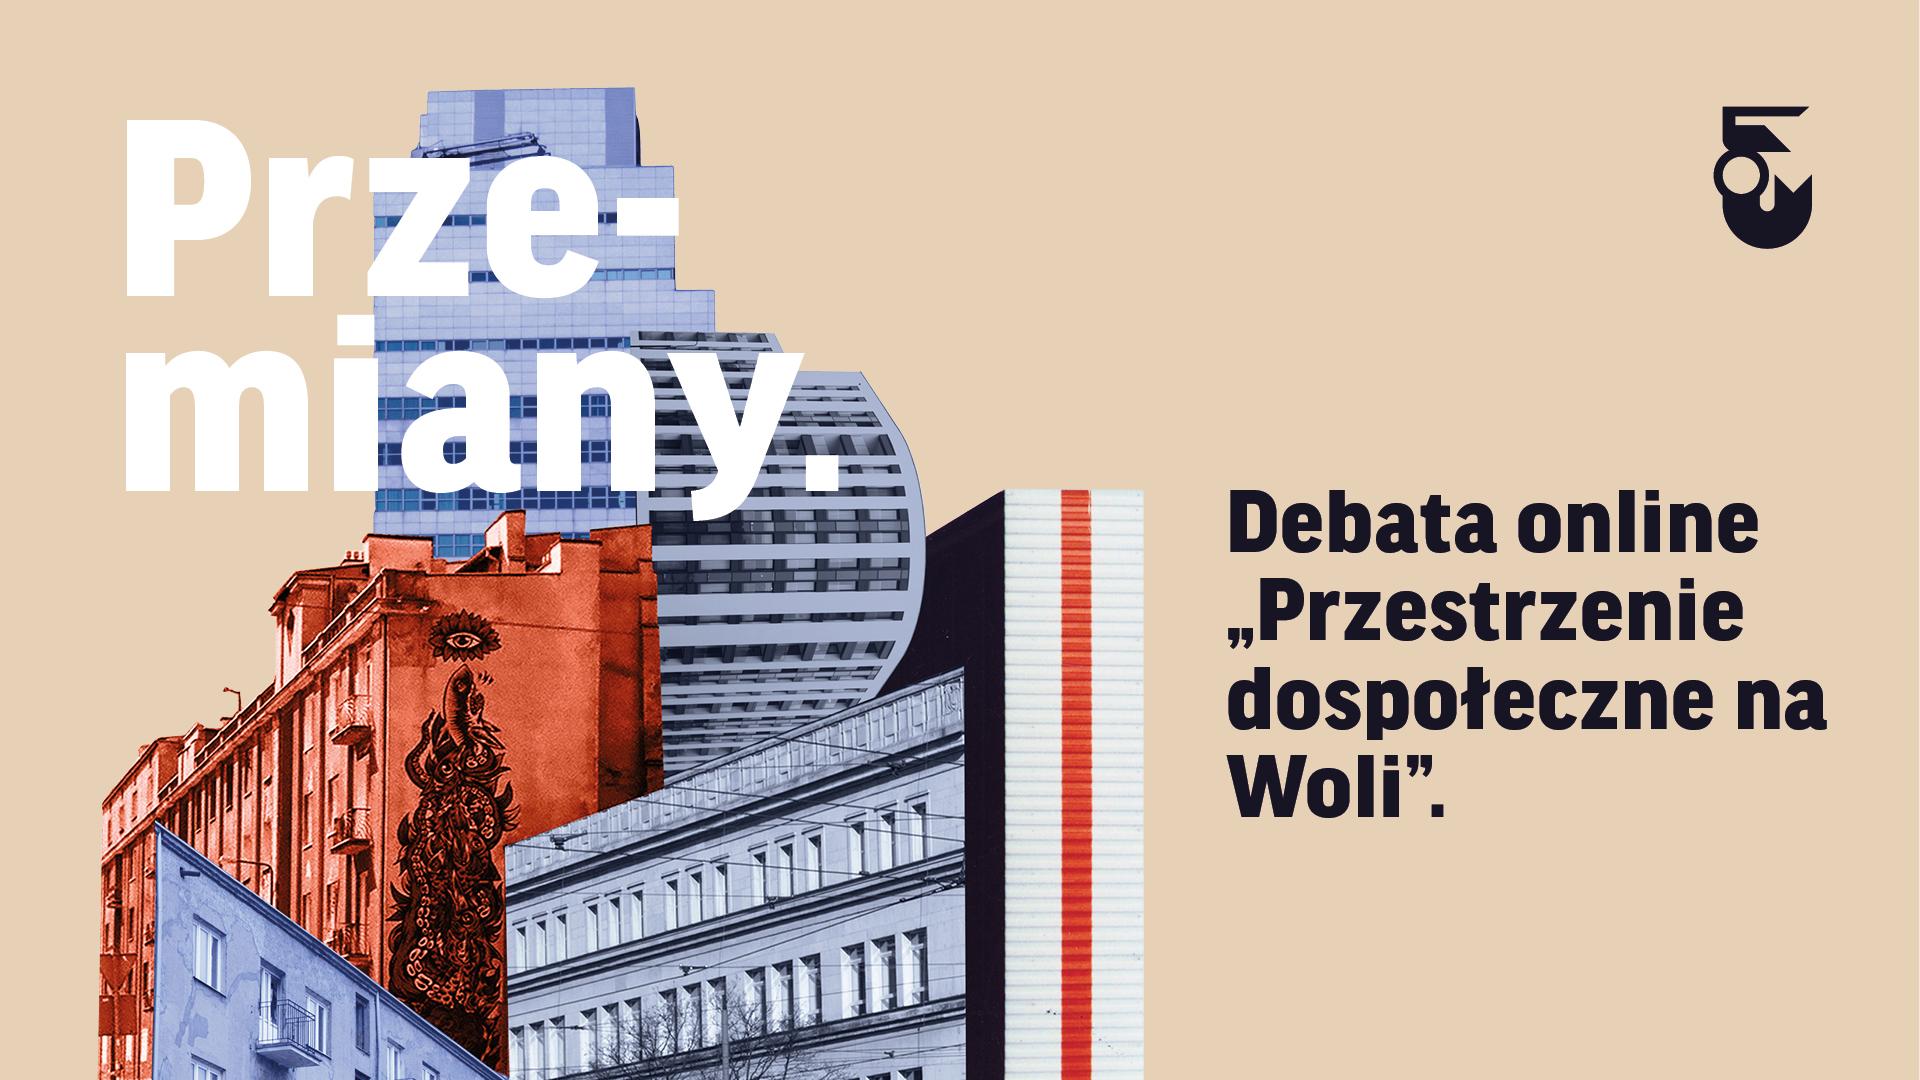 Grafika. Tło beżowe. W lewym górnym rogu biały napis przemiany. Pod nim kolaż ze zdjęć niebiesko - czerwonych budynków. Po prawej czarny napis Debata online Przestrzenie dospołeczne.